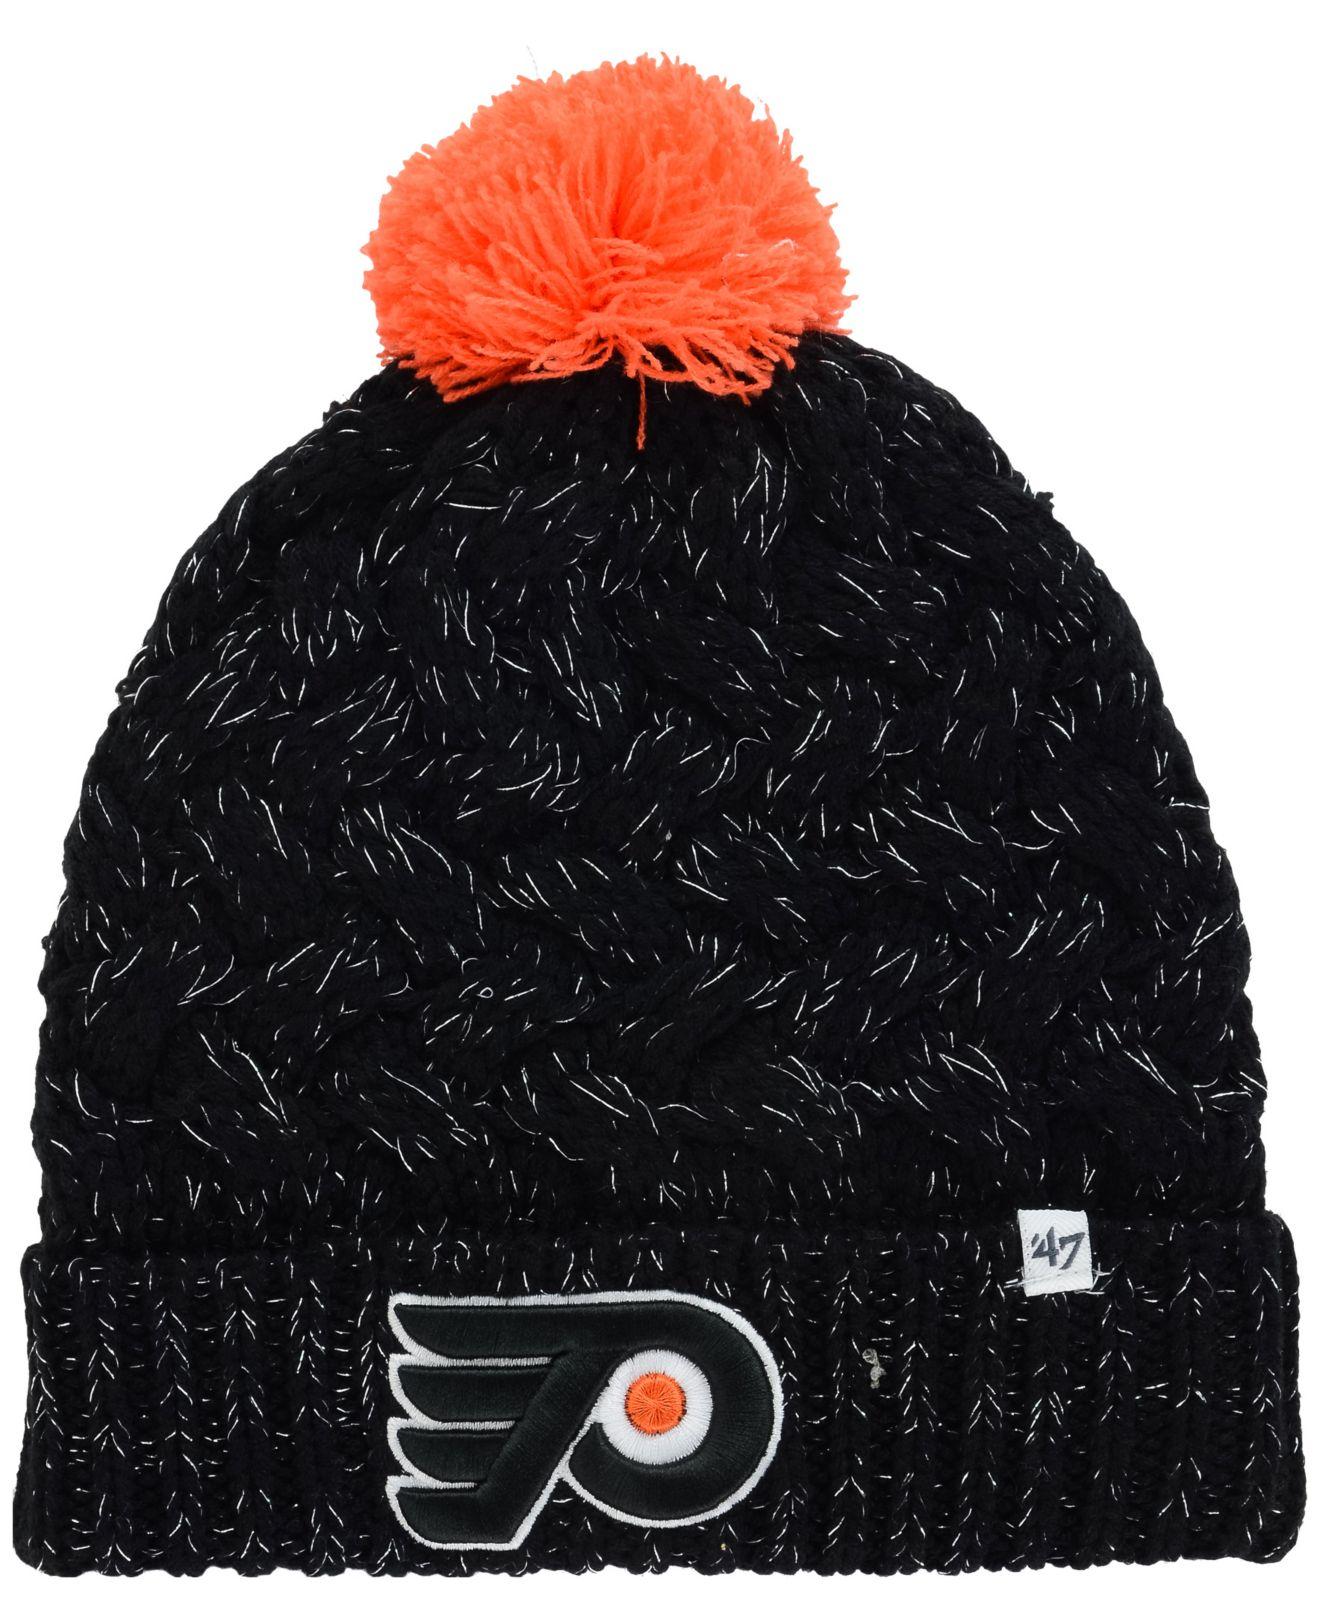 Lyst - 47 Brand Women s Philadelphia Flyers Fiona Pom Knit Hat in Black b153a39f8